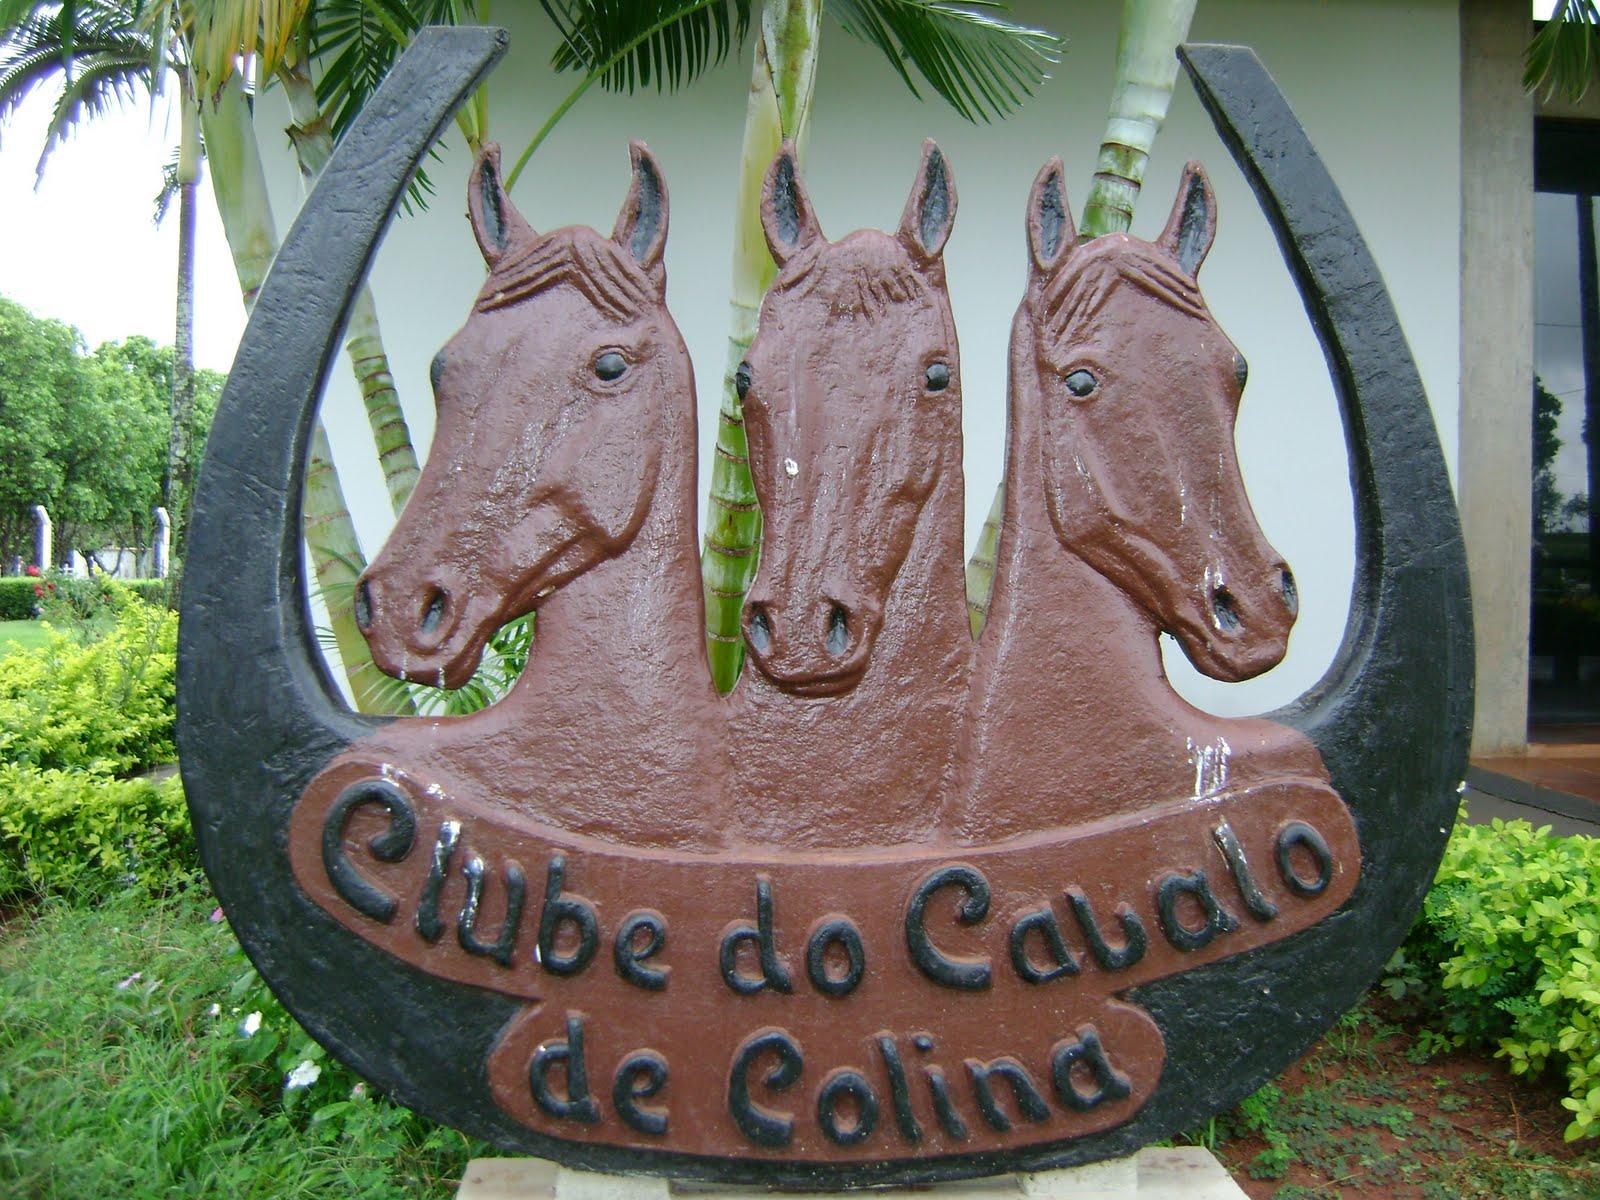 CLUBE DO CAVALO DE COLINA